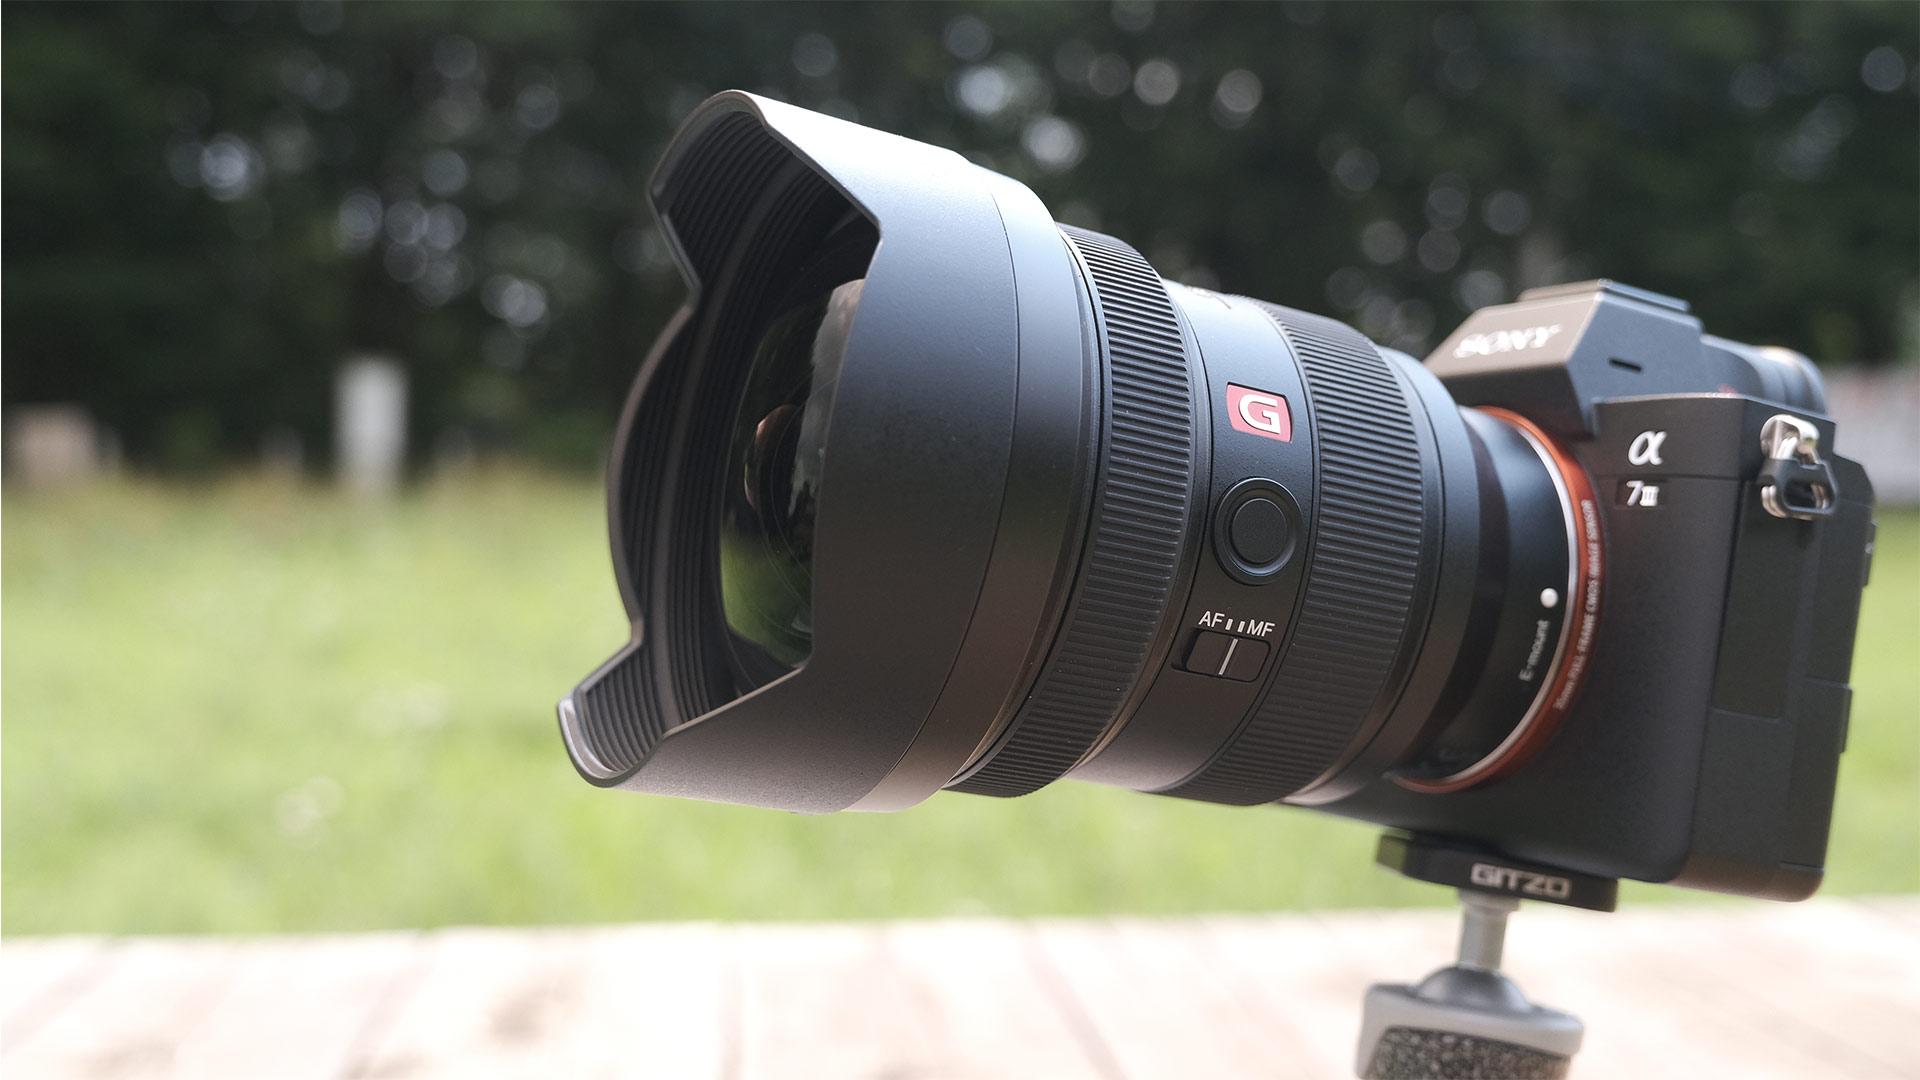 Anuncian el lente Sony FE 12-24 mm f/2.8 G Master – primera impresión e imágenes de muestra